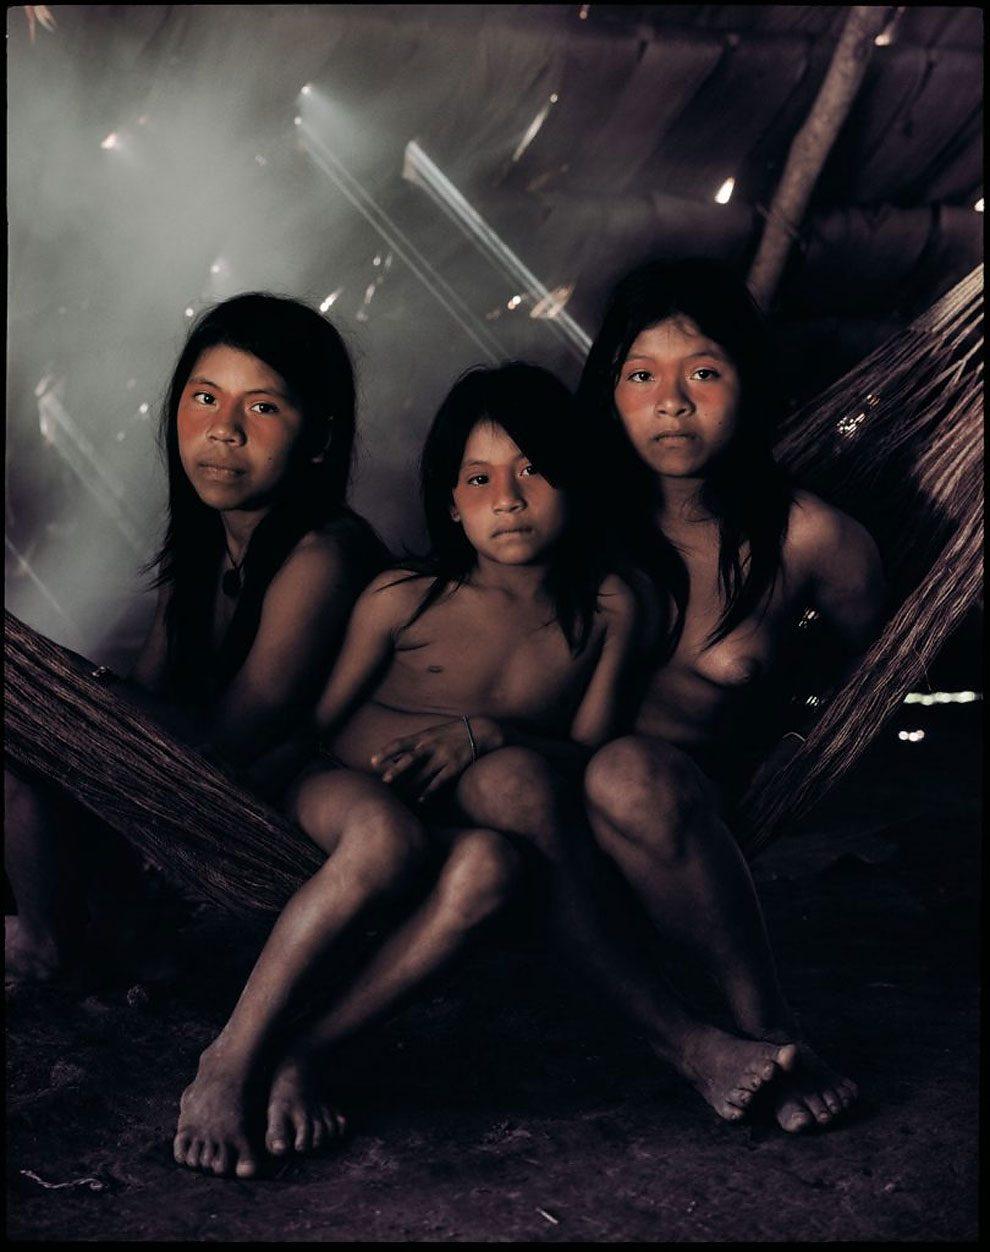 tribu-indigeni-mondo-fotografia-before-they-pass-away-jimmy-nelson-10